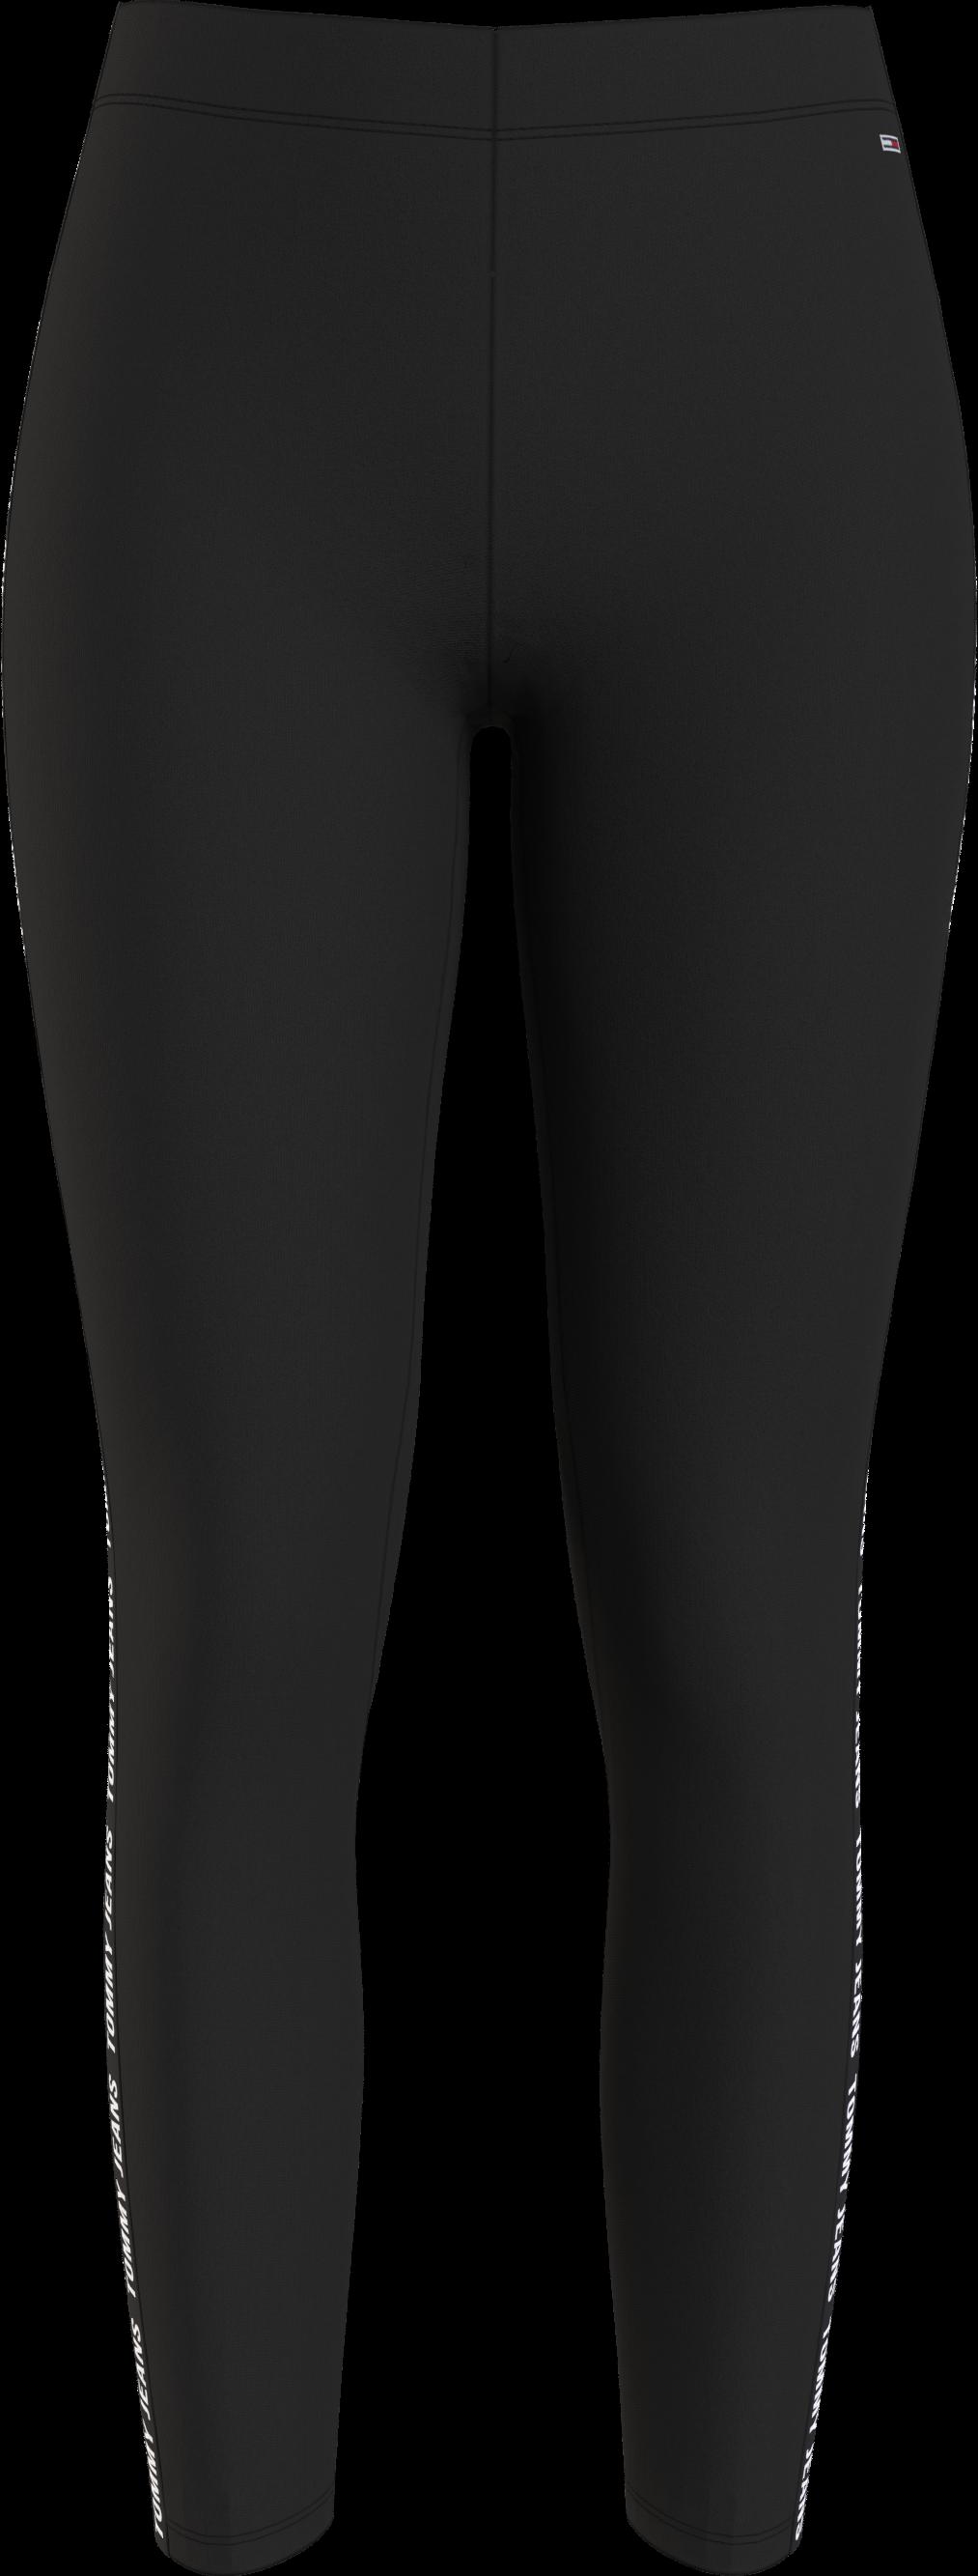 Hilfiger Denim Logo Tape Leggings, Sort, XS